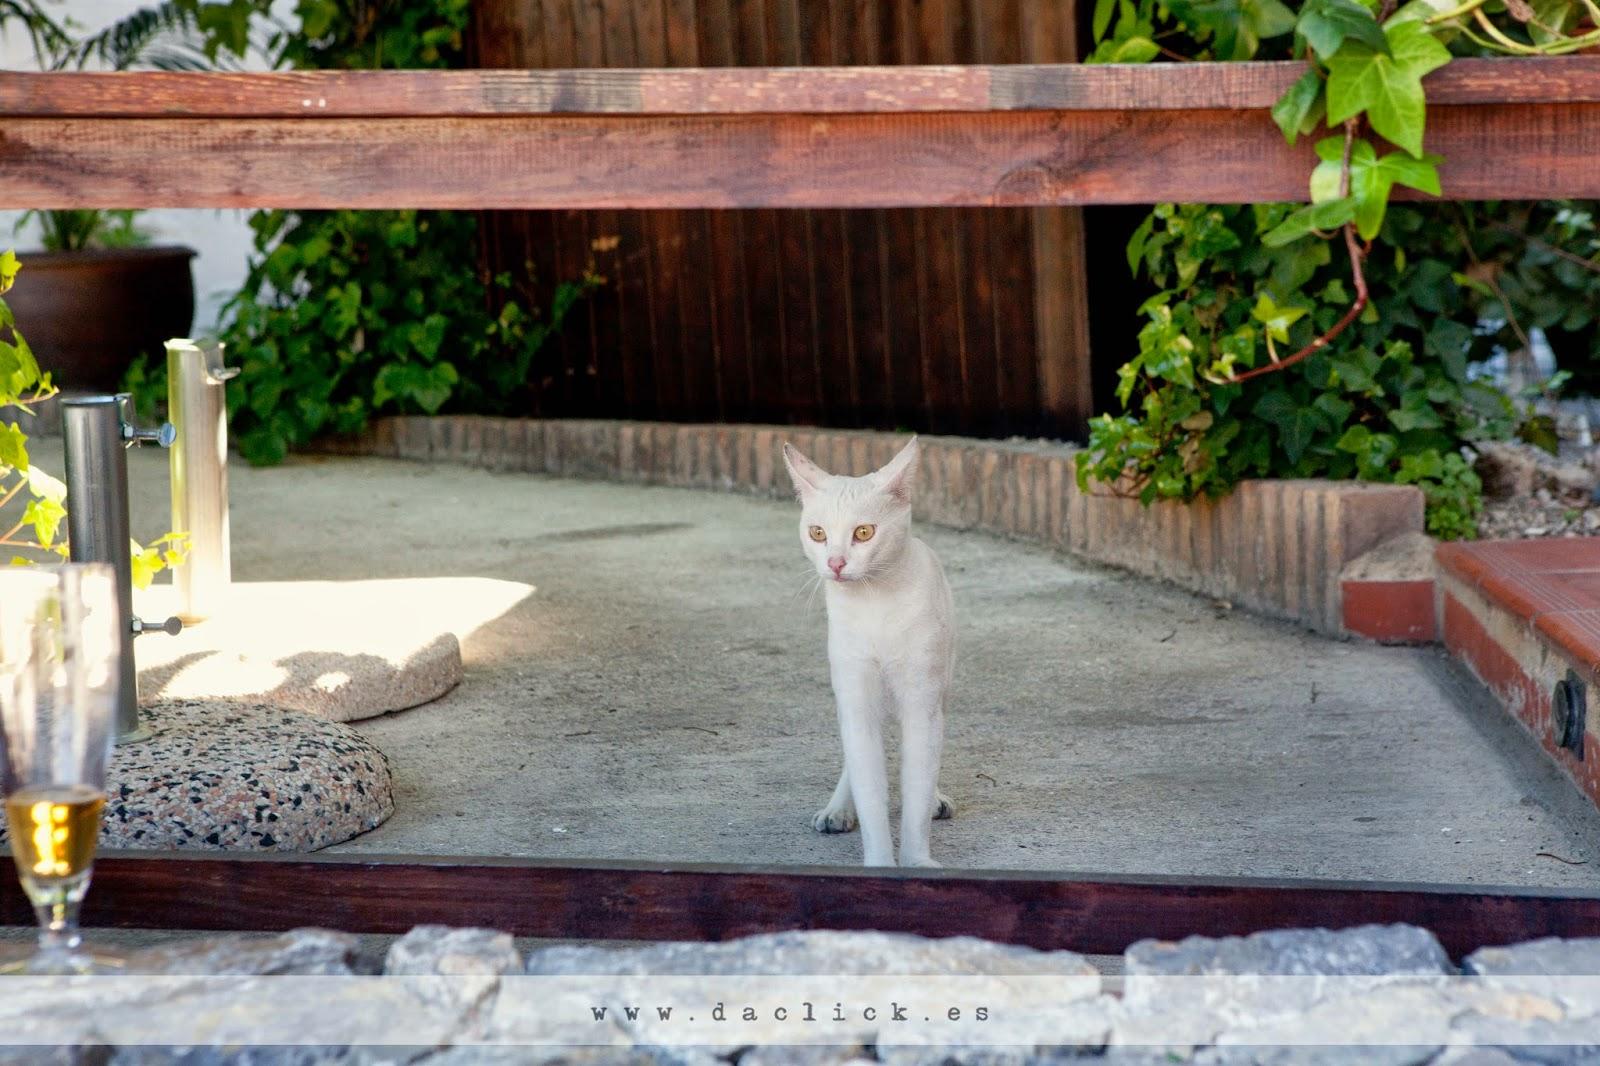 gato blanco observando la ceremonia de la boda